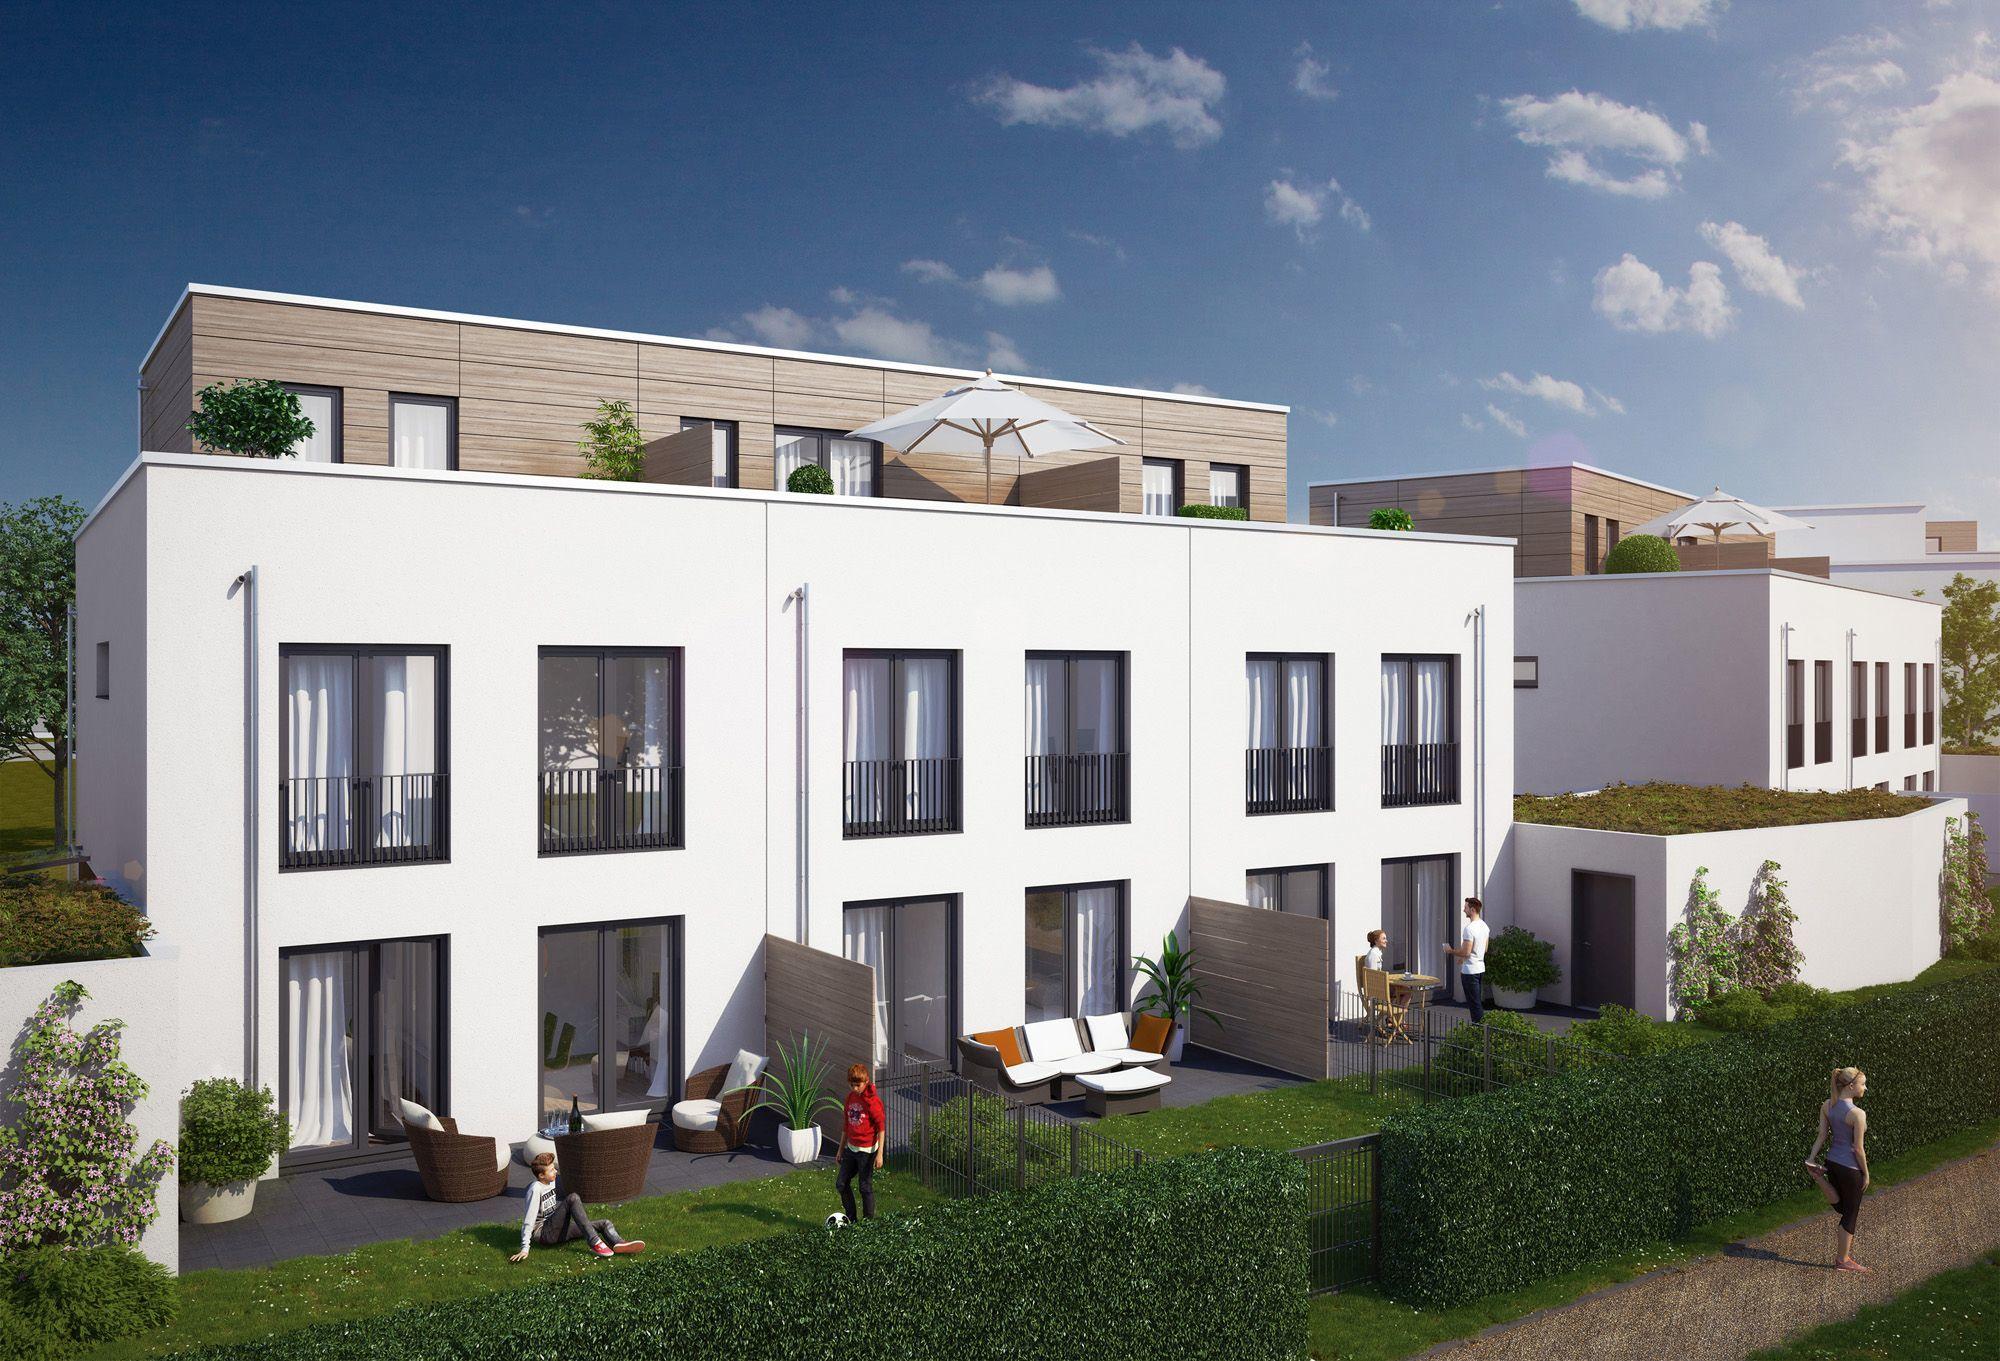 Quartier Neuss Weckhoven © sop architekten, HHVISION